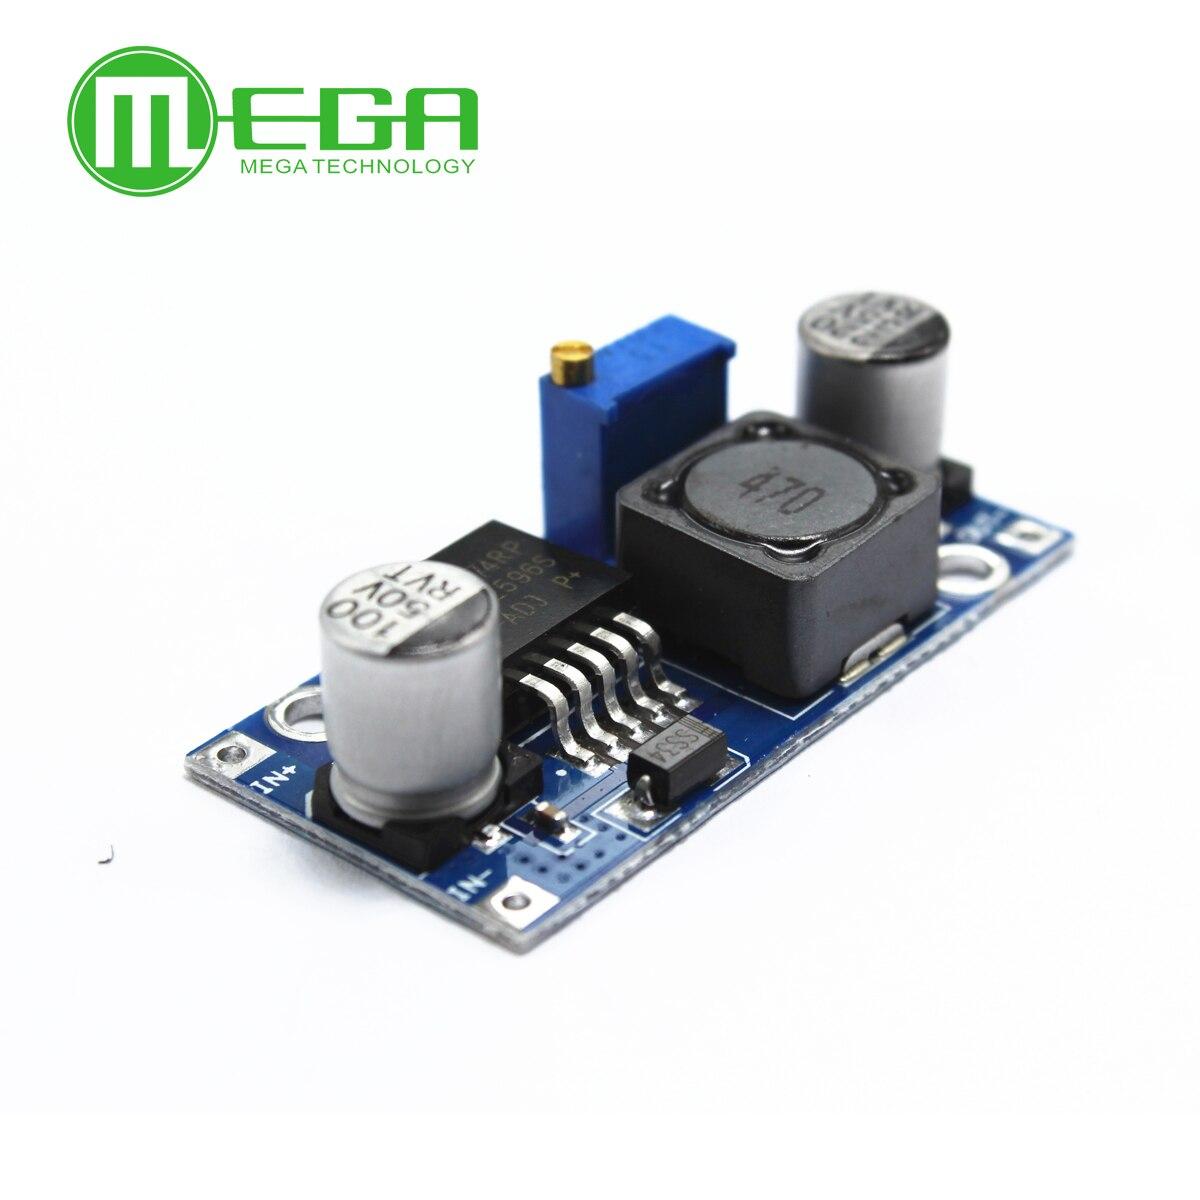 800b9d219ba 50pcs/lot LM2596S LM2596 DC-DC Step-down module 5V/12V/24V adjustable  Voltage regulator 3A(blue)